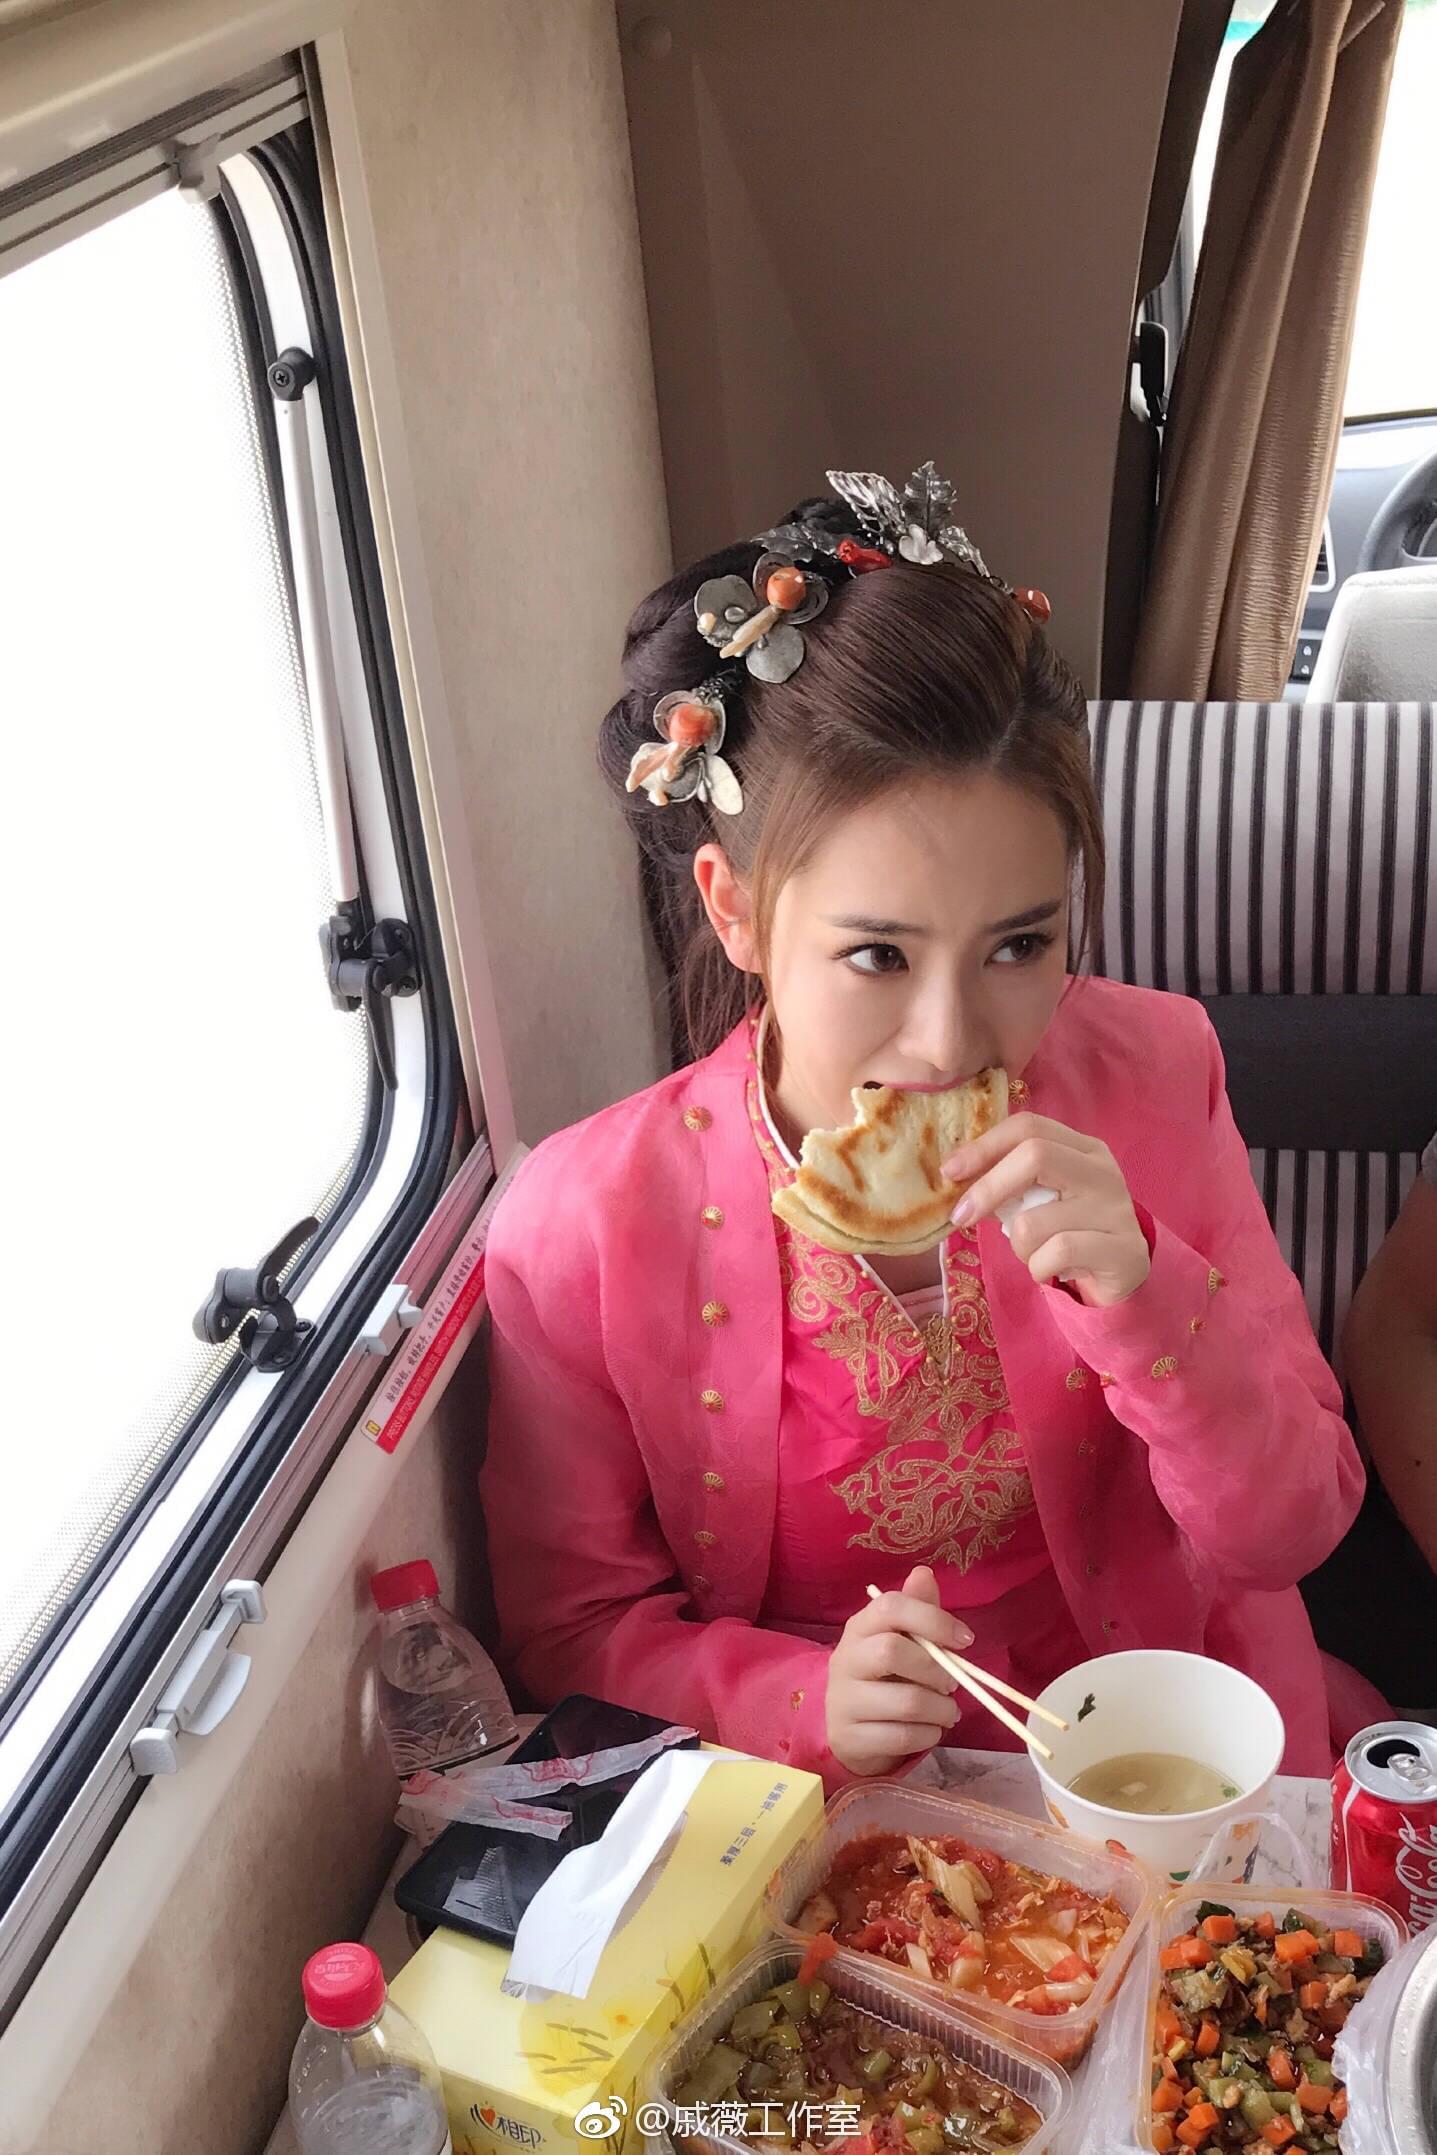 戚薇被偷拍穿古装火车吃馍 网友:人比馍更诱人